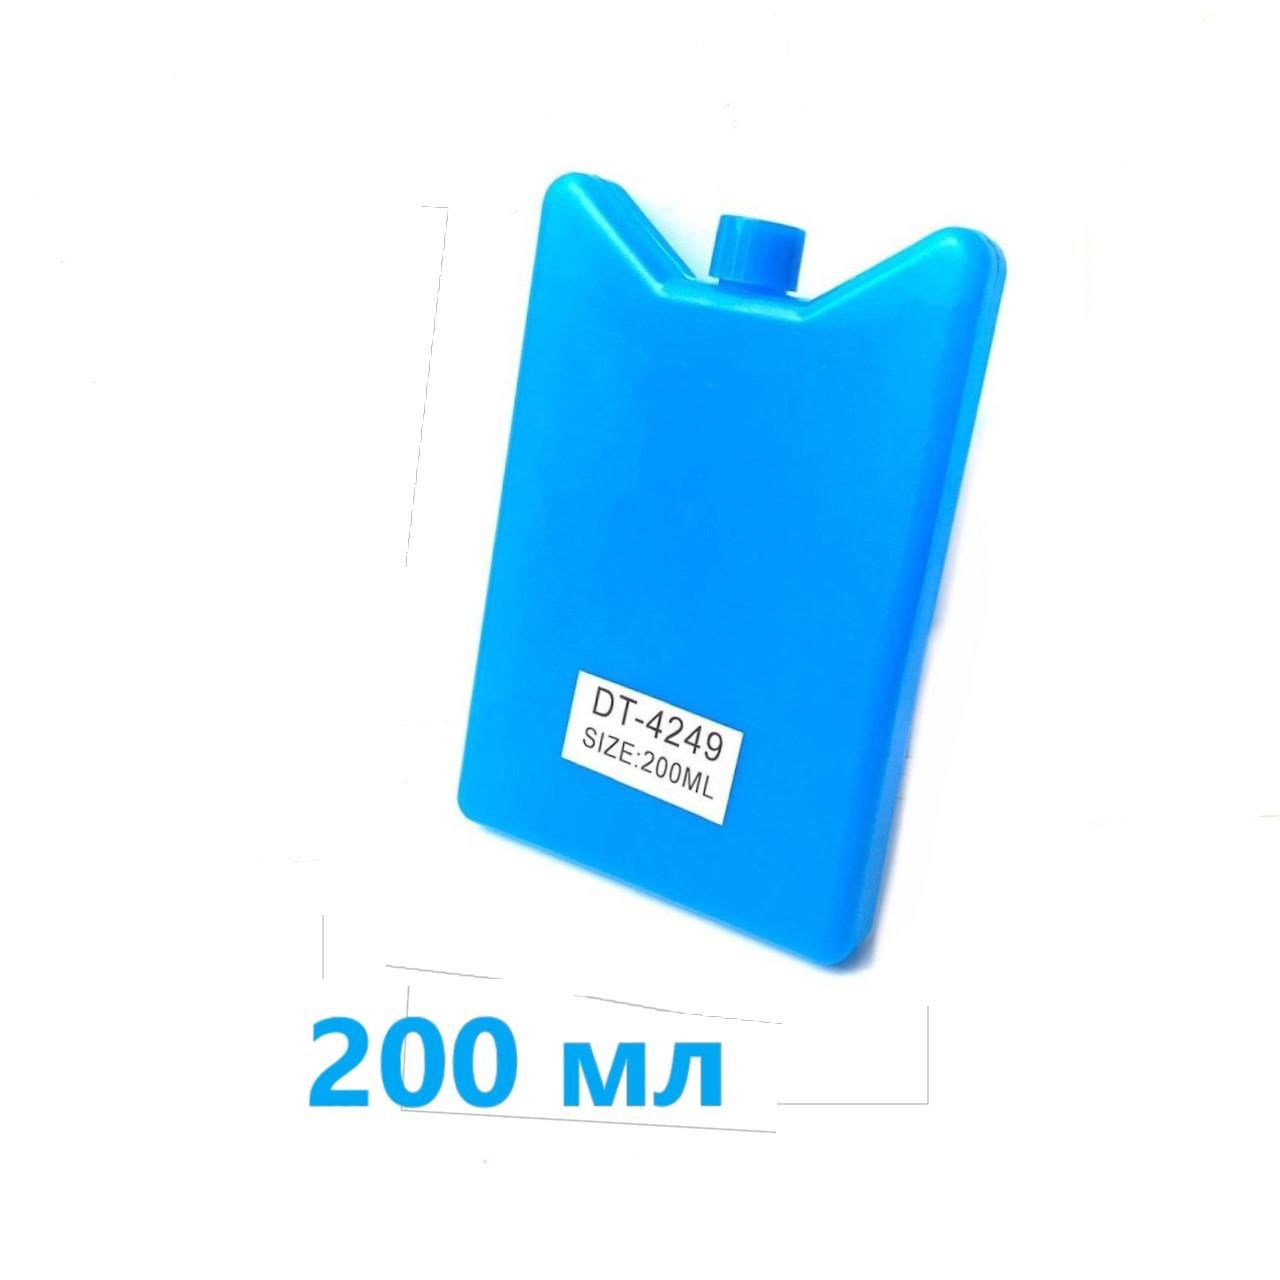 Аккумулятор холода  для сумки-холодильника 200 мл. Холодогенератор | Хладагент (4249)